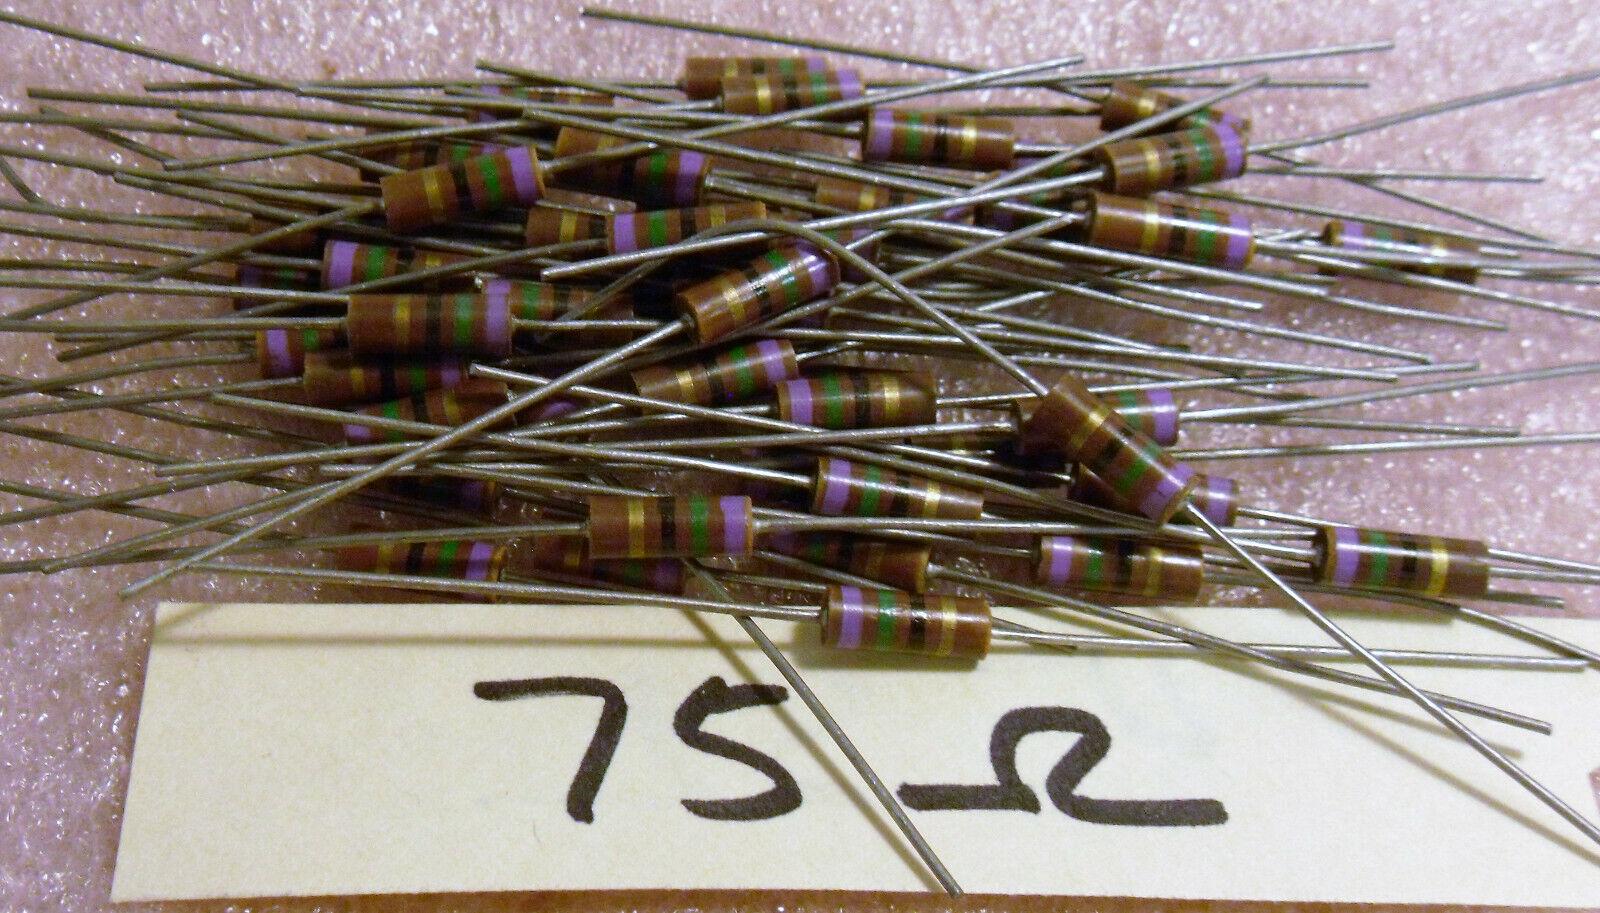 x Résistance Resistor 12k 0.25 W carbone carbon #a973 50 pcs